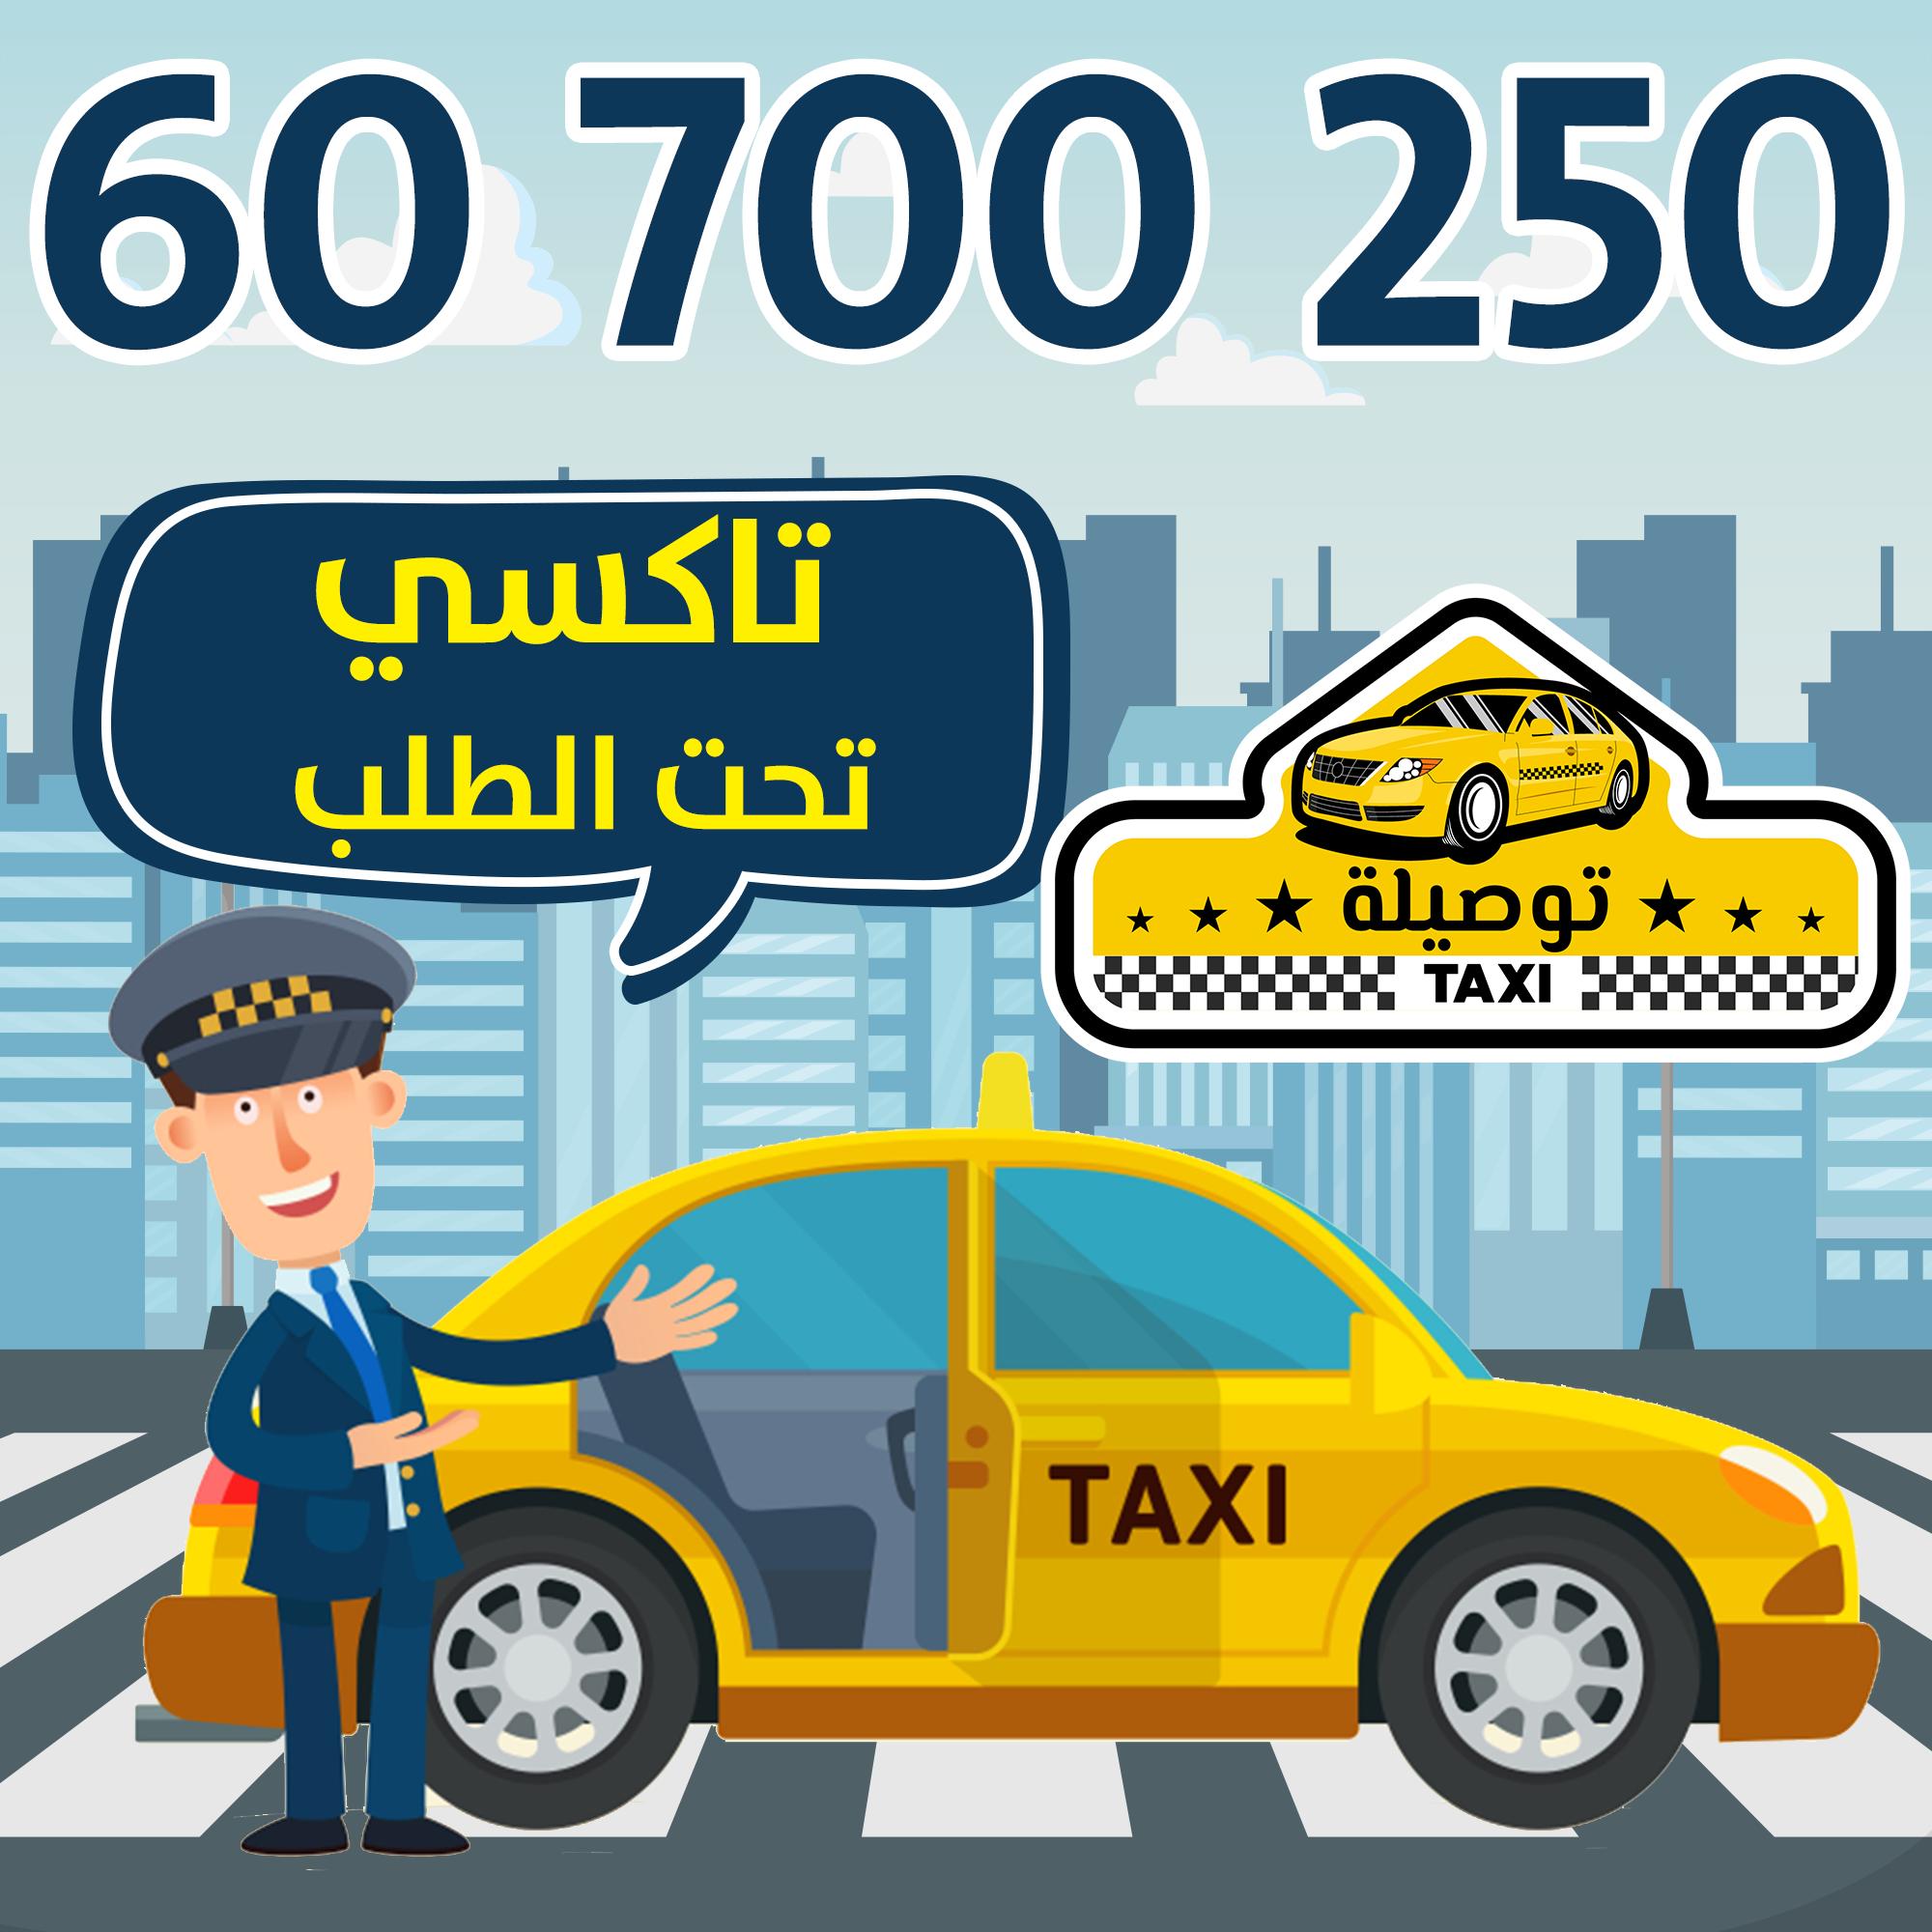 تاكسي توصيلة في شارع خالد بن الوليد